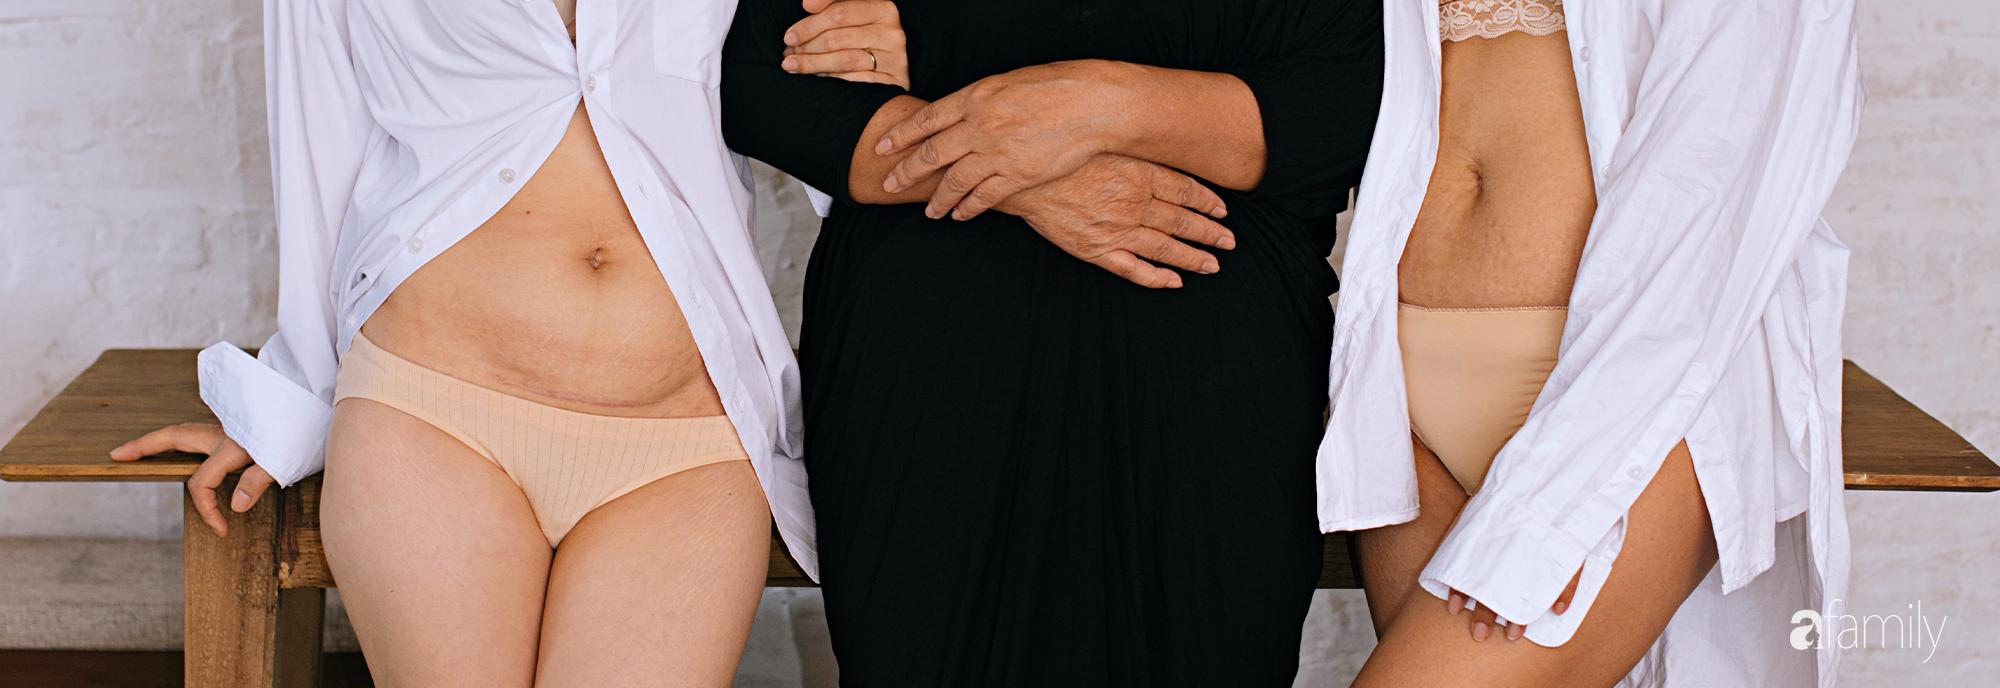 Vết nứt của đá trên bụng mẹ: Nỗi đau xé toạc thanh xuân nhưng là dấu ấn tuyệt đẹp của hành trình trưởng thành - Ảnh 12.